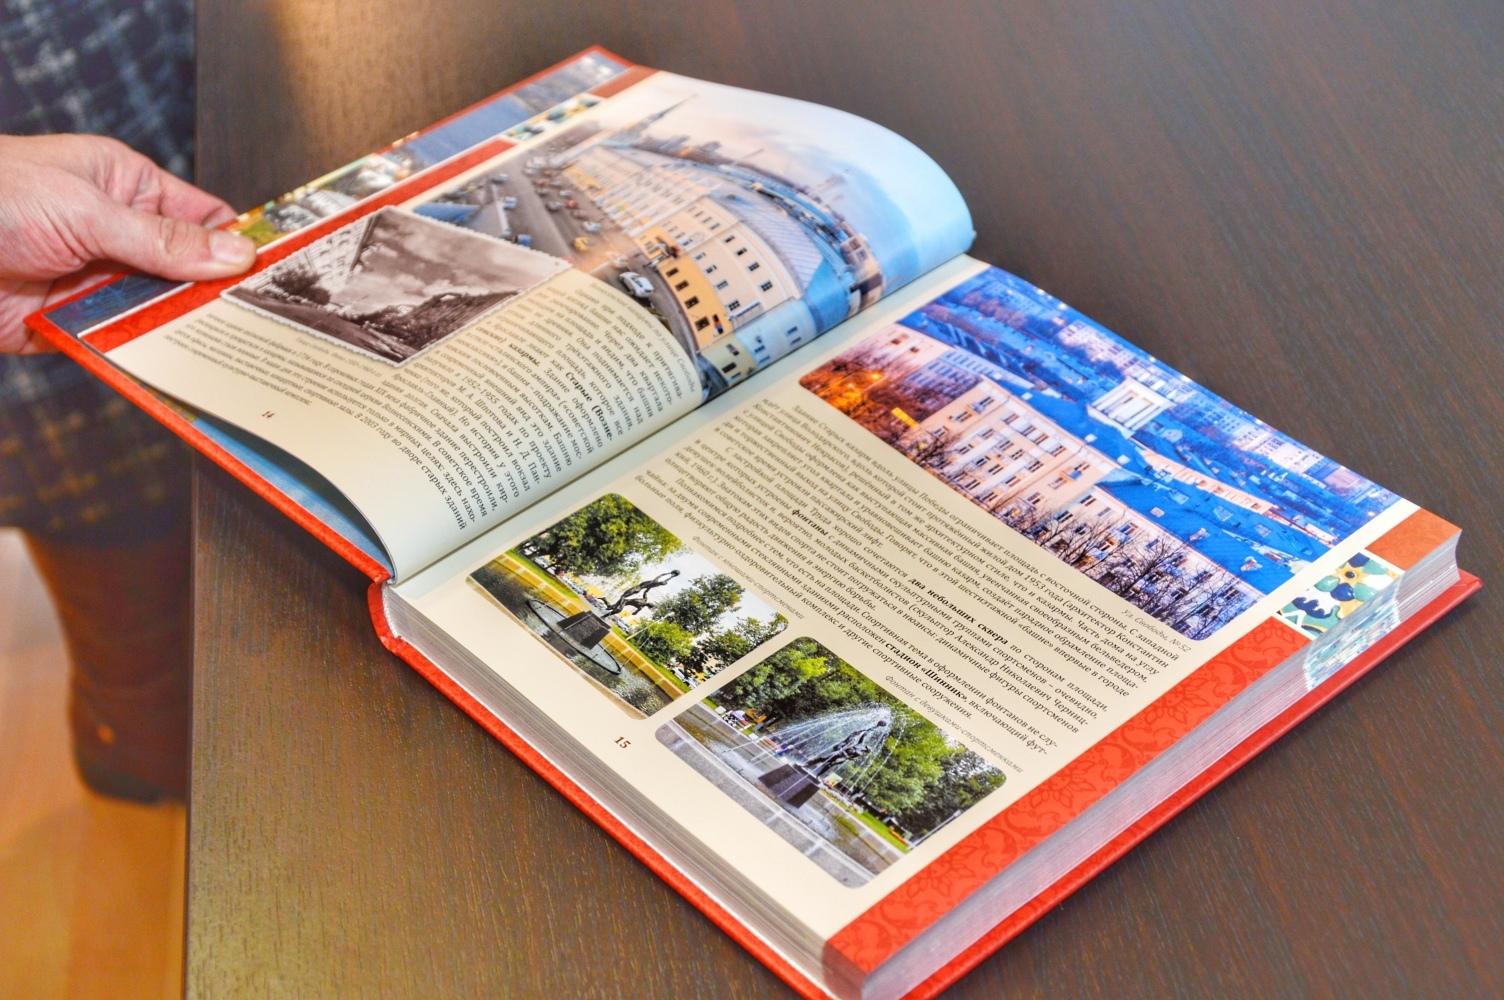 Свидания с Ярославлем. Выпущен новый иллюстрированный путеводитель по городу